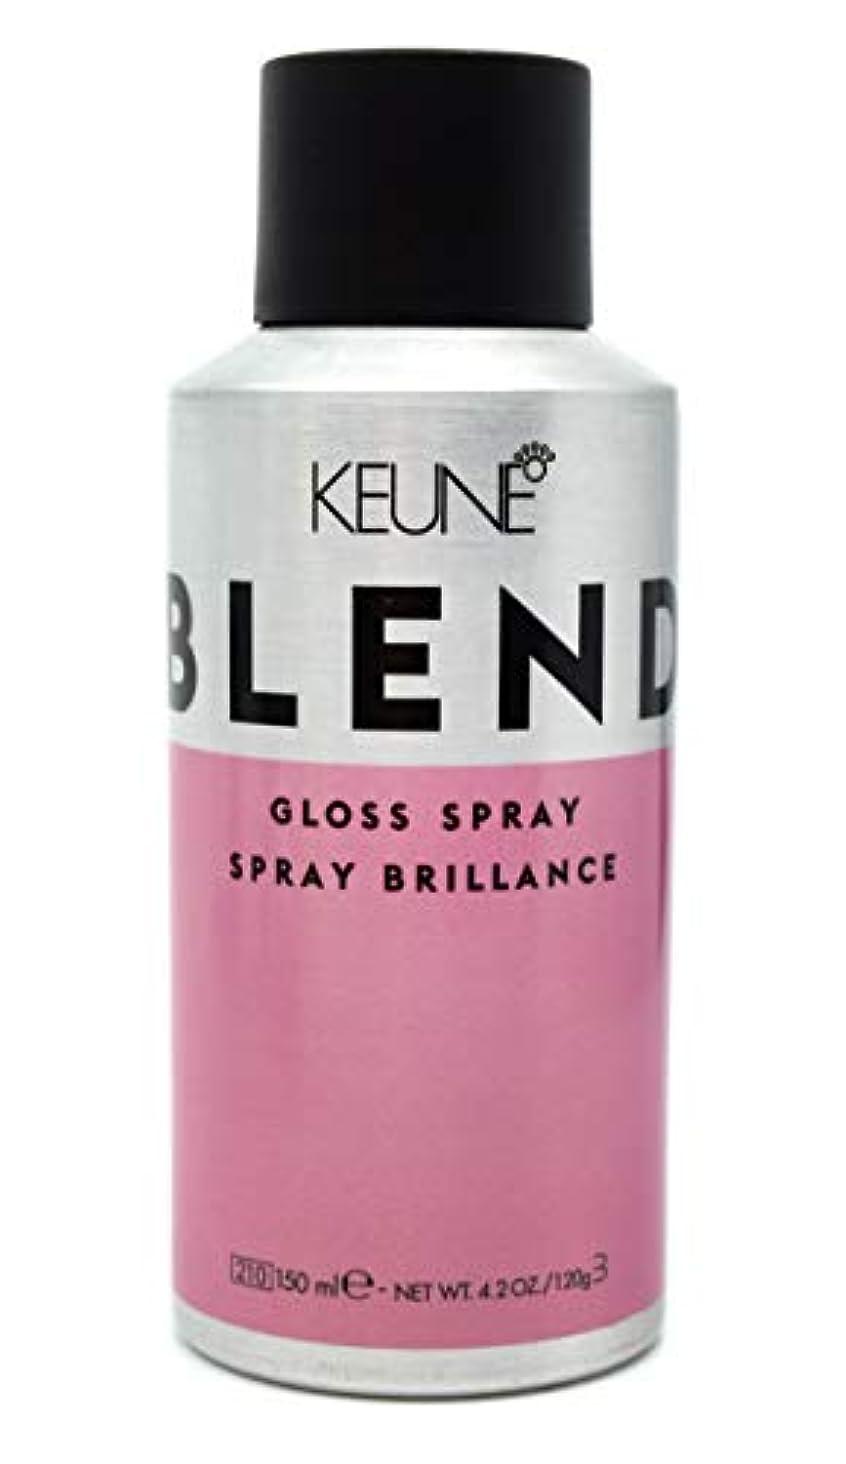 明るい効果的に不機嫌KEUNE Keuneブレンド - グロススプレー、4.2オンス(120グラム)